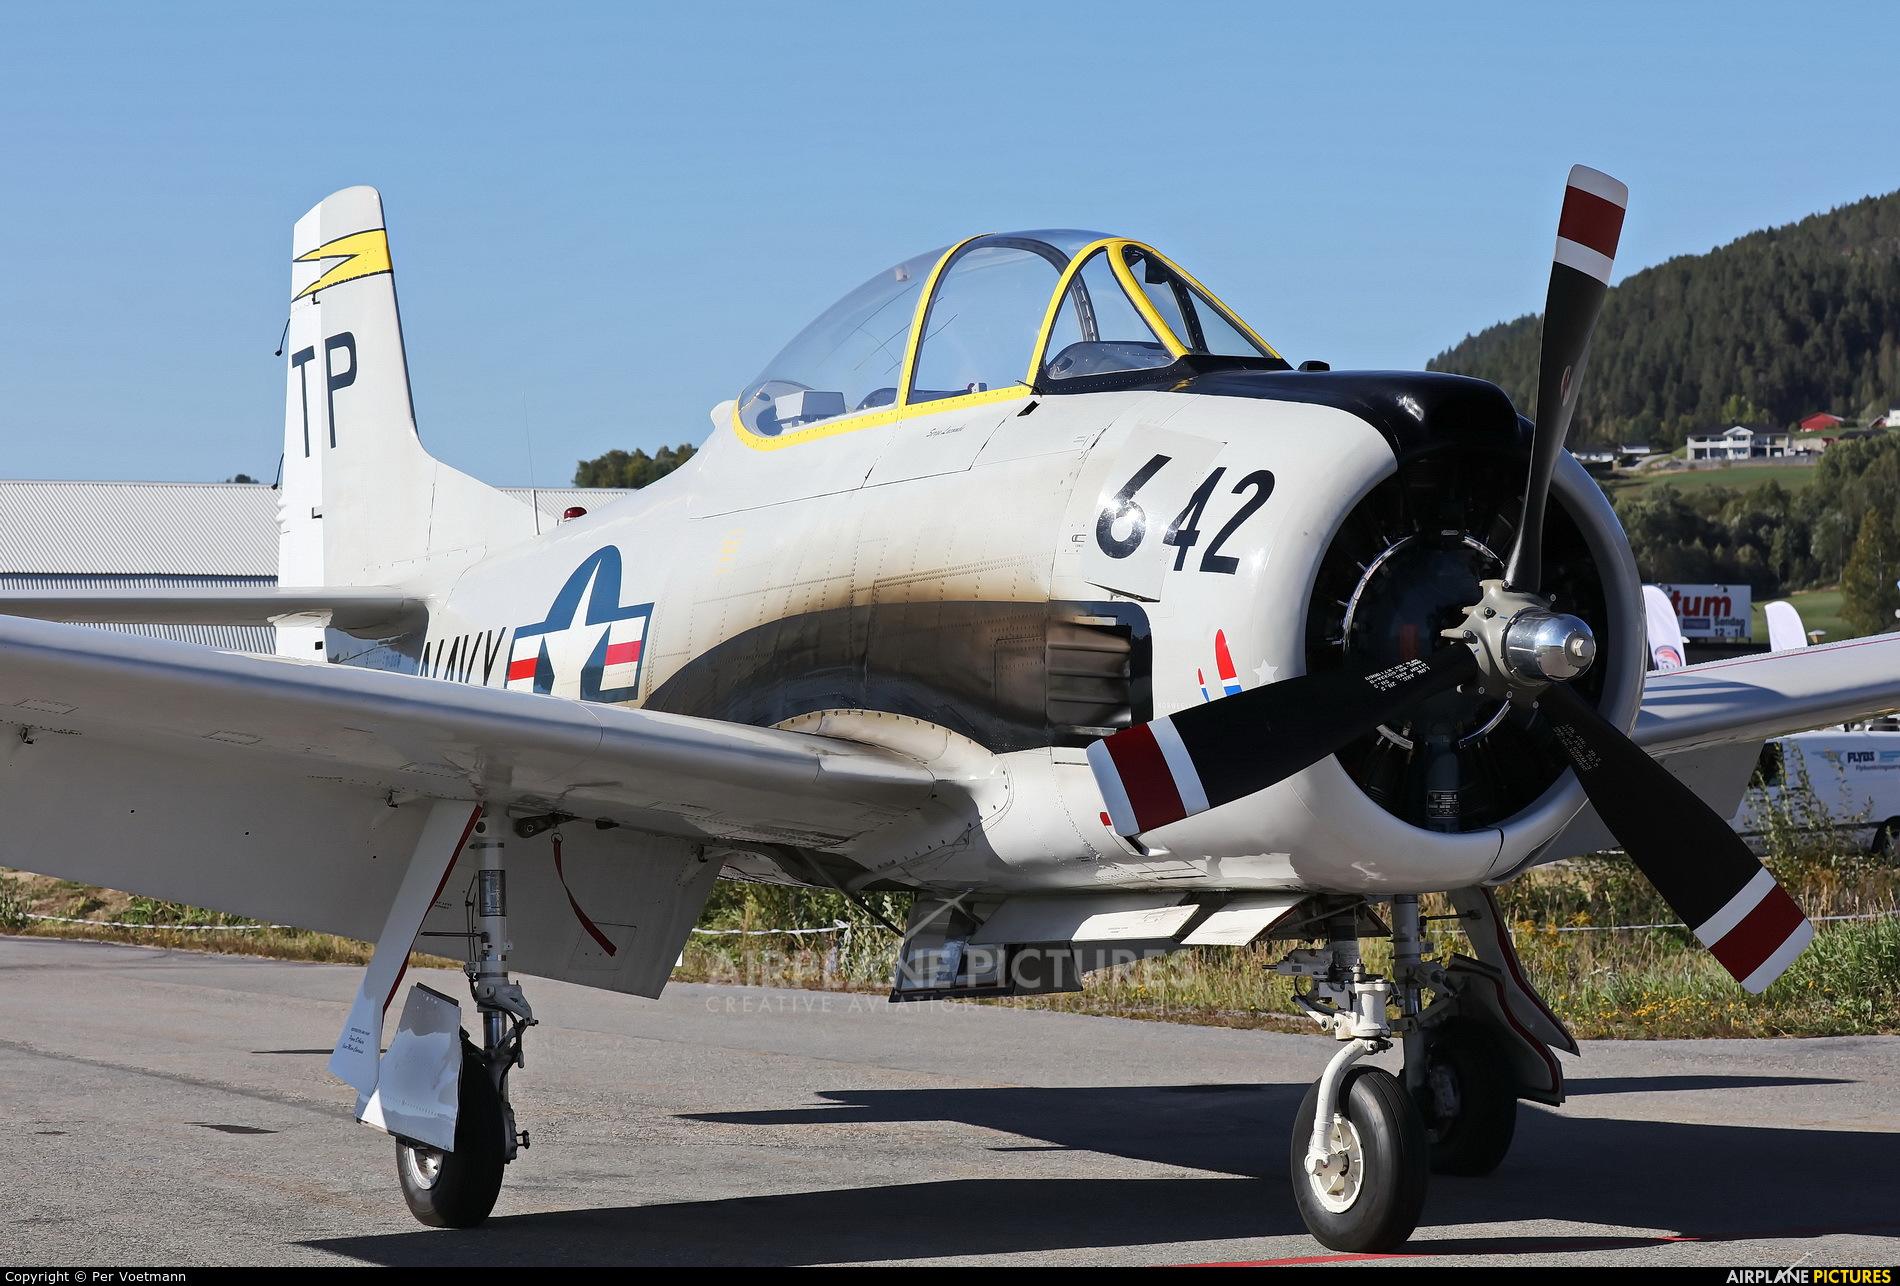 Scandinavian Aircraft AS LN-XXT aircraft at Notodden lufthavn